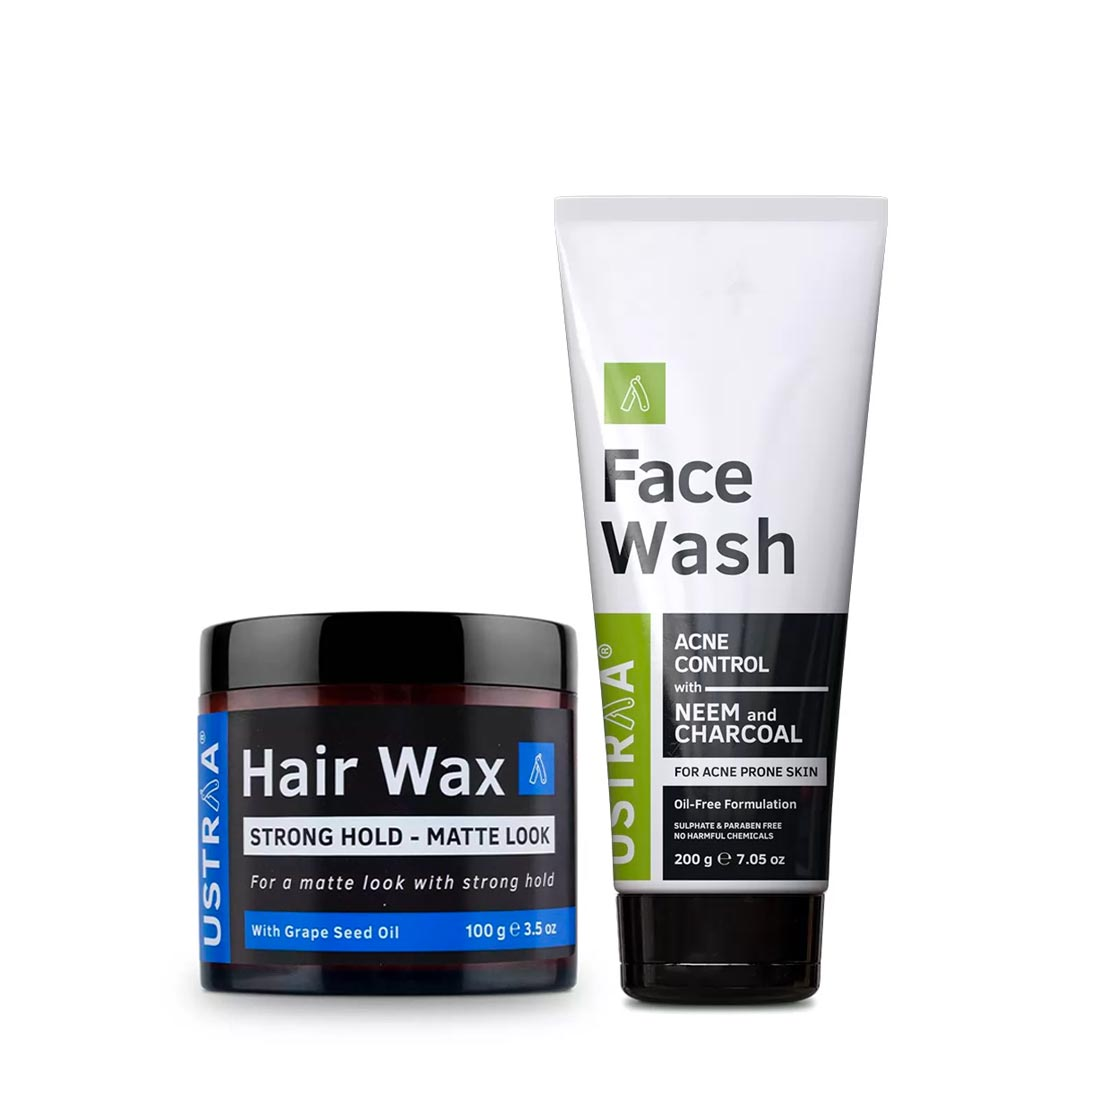 Ustraa | Ustraa Hair Wax - Matte Look 100 g & Face Wash (Neem & Charcoal)200g